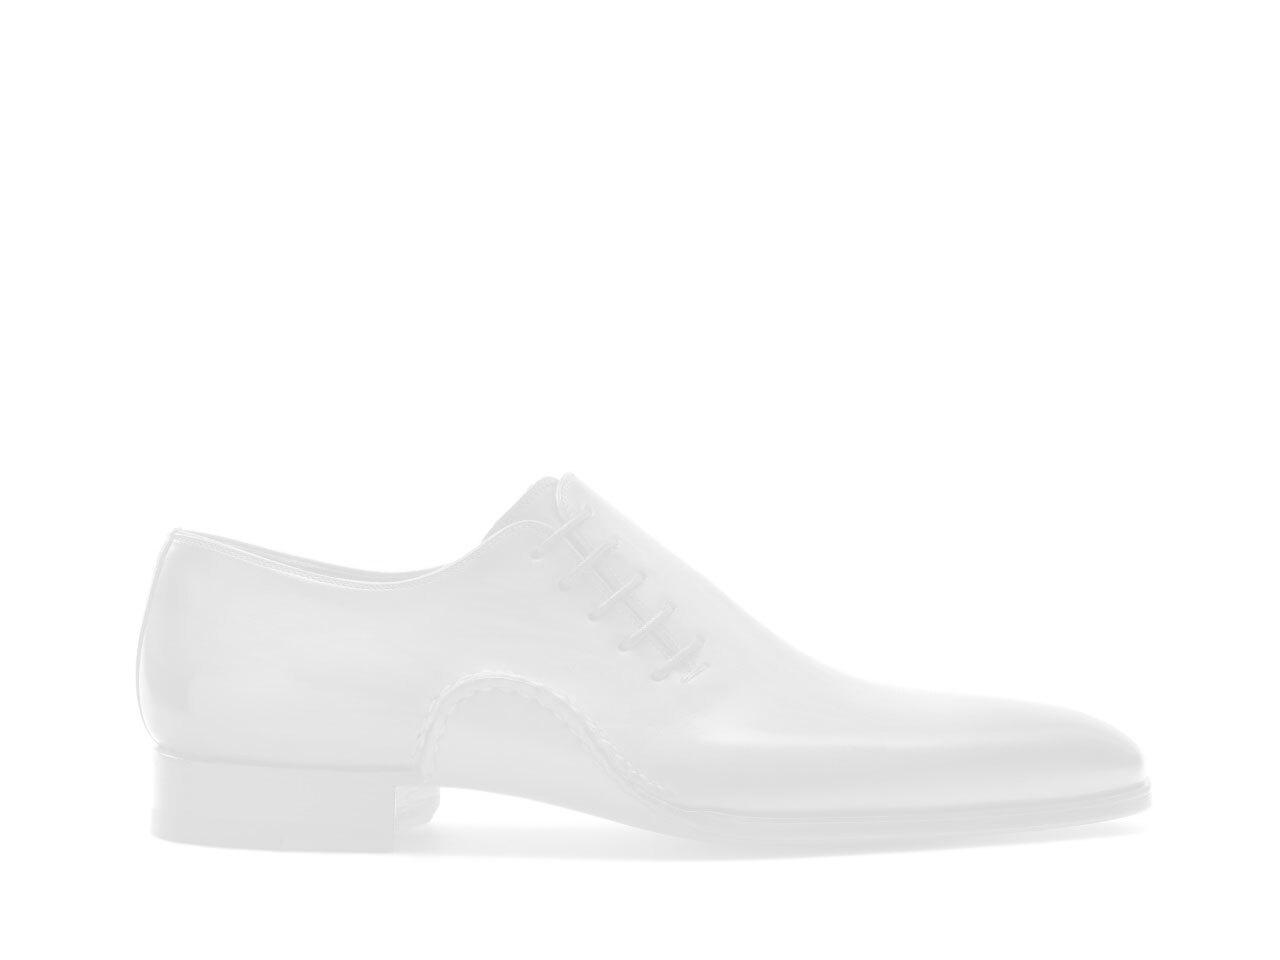 Pair of the Magnanni Belago II Cuero Men's Oxford Shoes